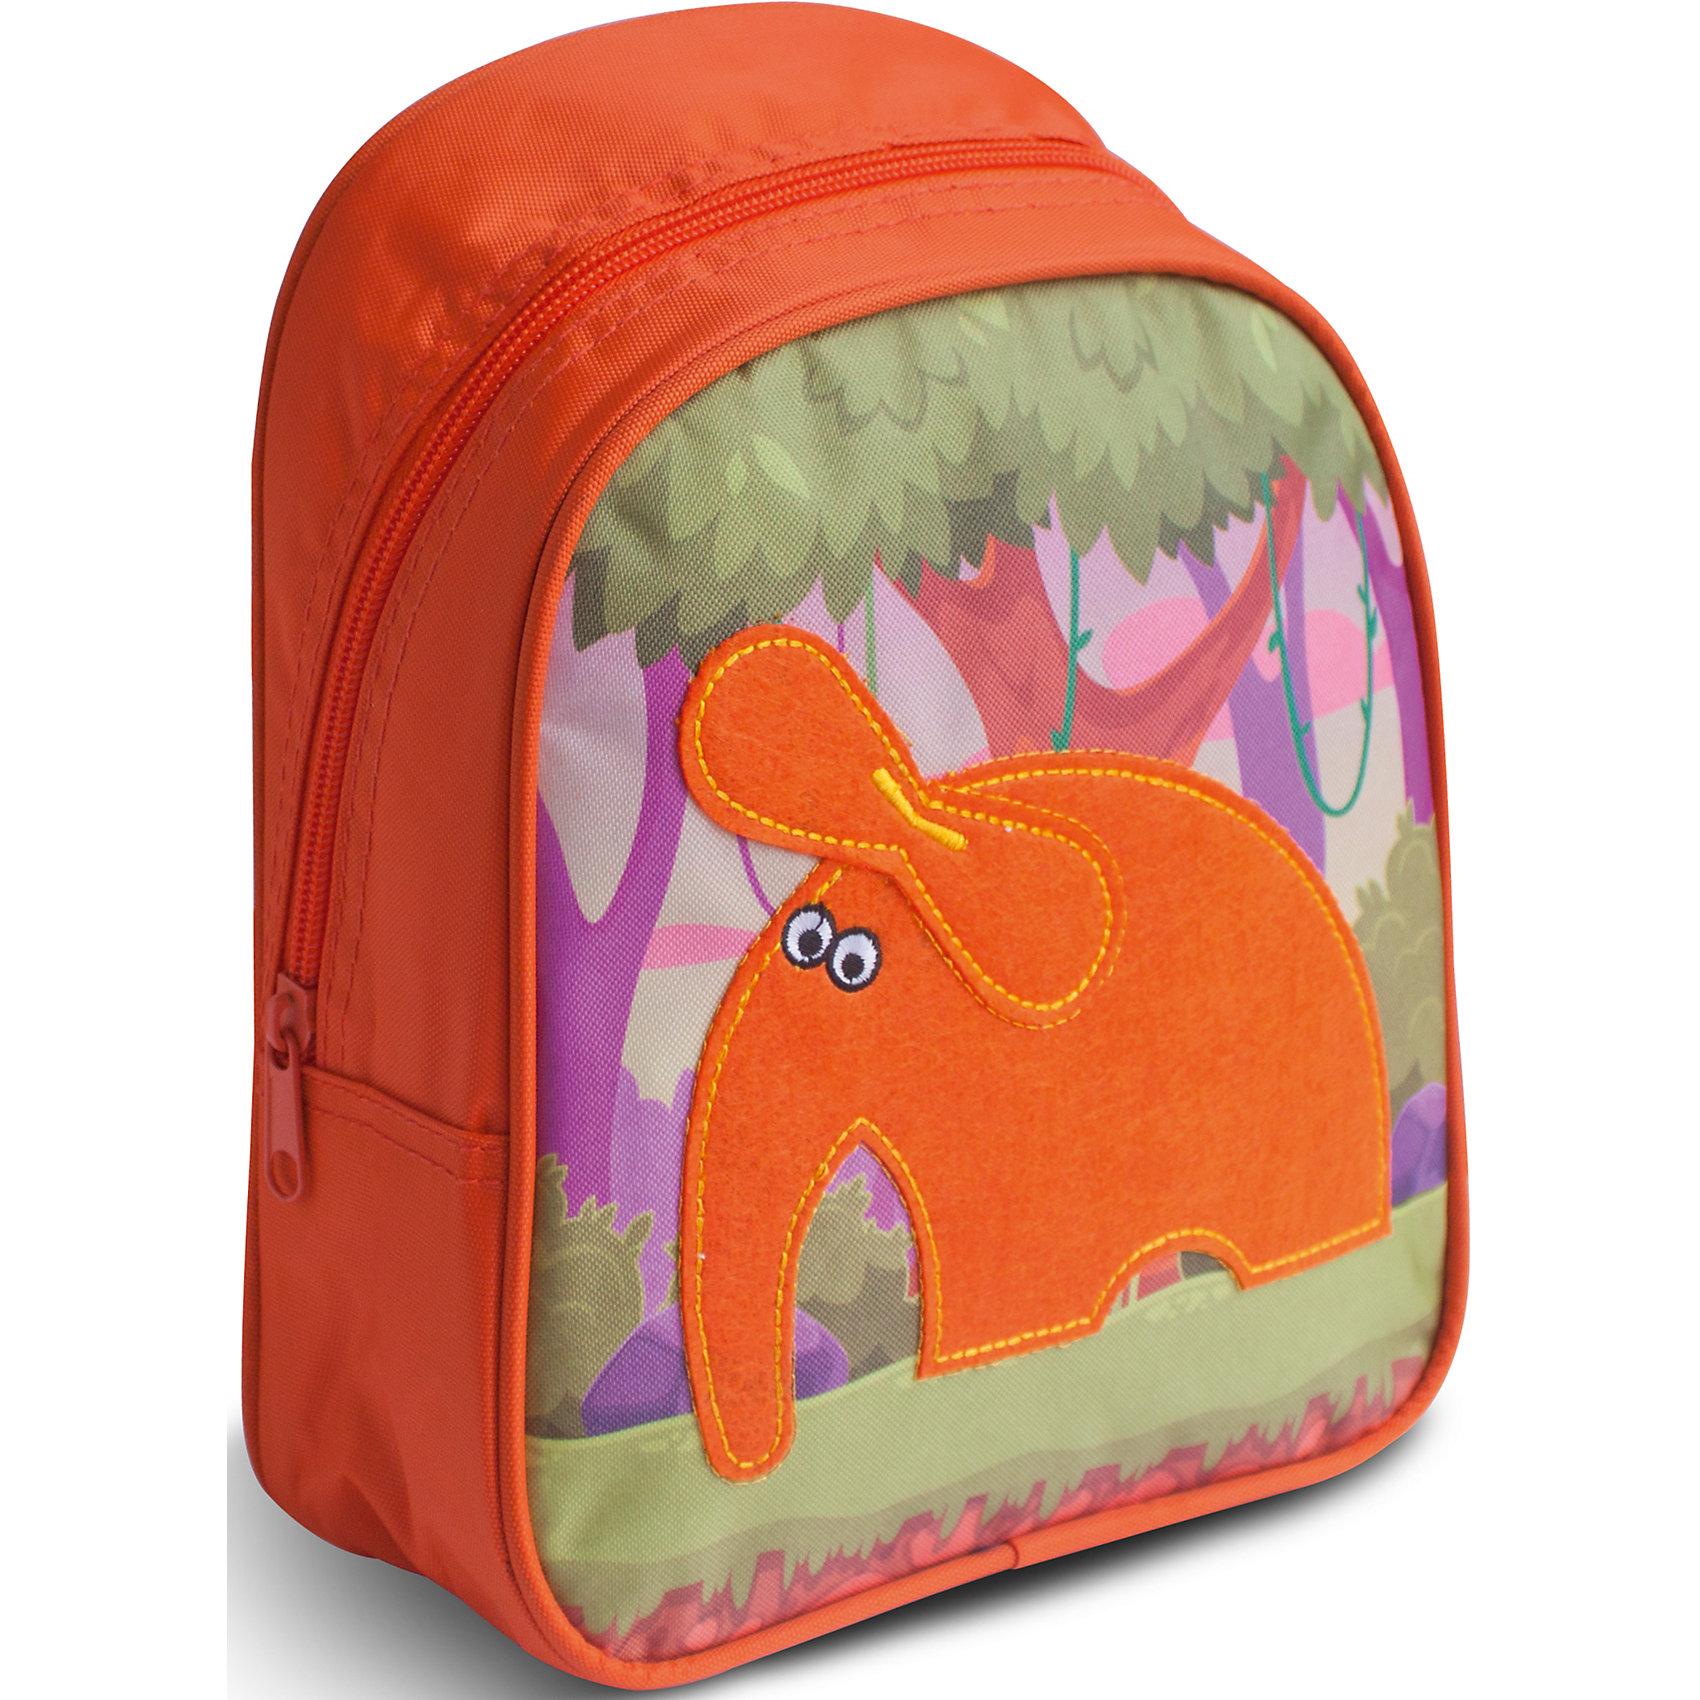 Дошкольный рюкзак СлонОчаровательный рюкзачок «Слон» от компании «РОСМЭН» – это невероятно привлекательный аксессуар для вашего малыша. В его внутреннем отделении на молнии легко поместятся не только игрушки, но даже тетрадка или книжка. Благодаря регулируемым лямкам, рюкзачок подходит детям любого роста. Удобная ручка помогает носить аксессуар в руке или размещать на вешалке. Изделие изготовлено из износостойкой, водонепроницаемой ткани, поэтому оно будет служить долгое время, сохраняя положенные в него вещи сухими даже в дождливую погоду. Рюкзачок декорирован аппликацией из фетра в виде милого слоника, вышивкой и цветным принтом (сублимированной печатью). Размер: 23х19х8 см.<br><br>Ширина мм: 255<br>Глубина мм: 220<br>Высота мм: 25<br>Вес г: 163<br>Возраст от месяцев: 36<br>Возраст до месяцев: 72<br>Пол: Унисекс<br>Возраст: Детский<br>SKU: 4635133